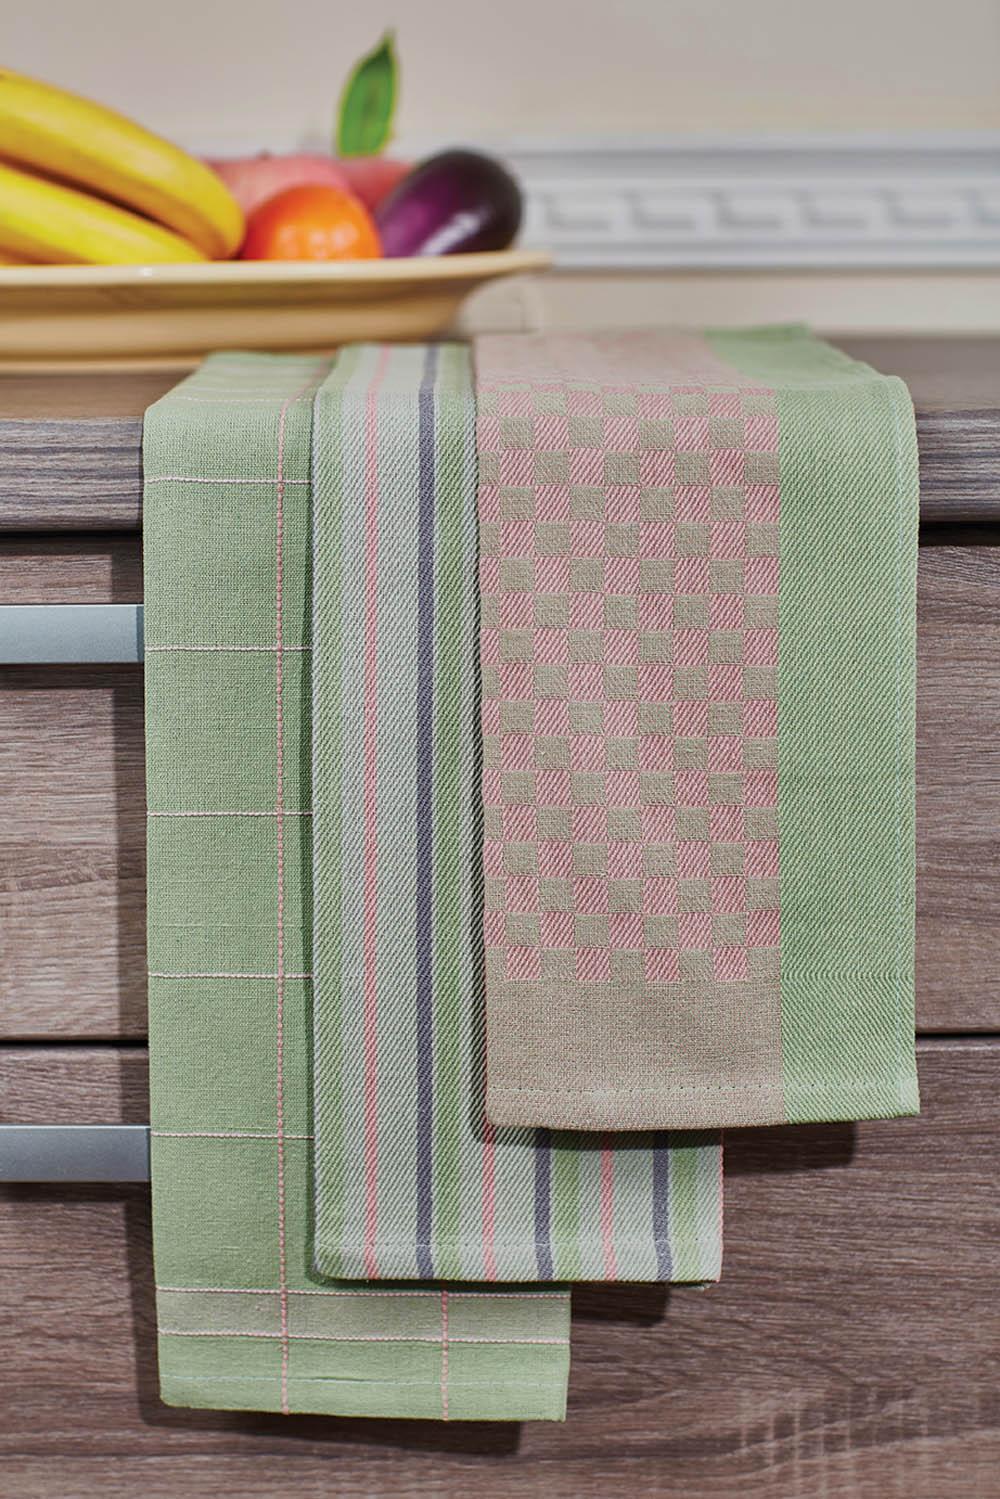 Полотенца Primavelle Кухонное полотенце Jaycee Цвет: Зеленый (40х60 см - 3 шт) bon appetit кухонное полотенце cake цвет зеленый 40х60 см 2 шт